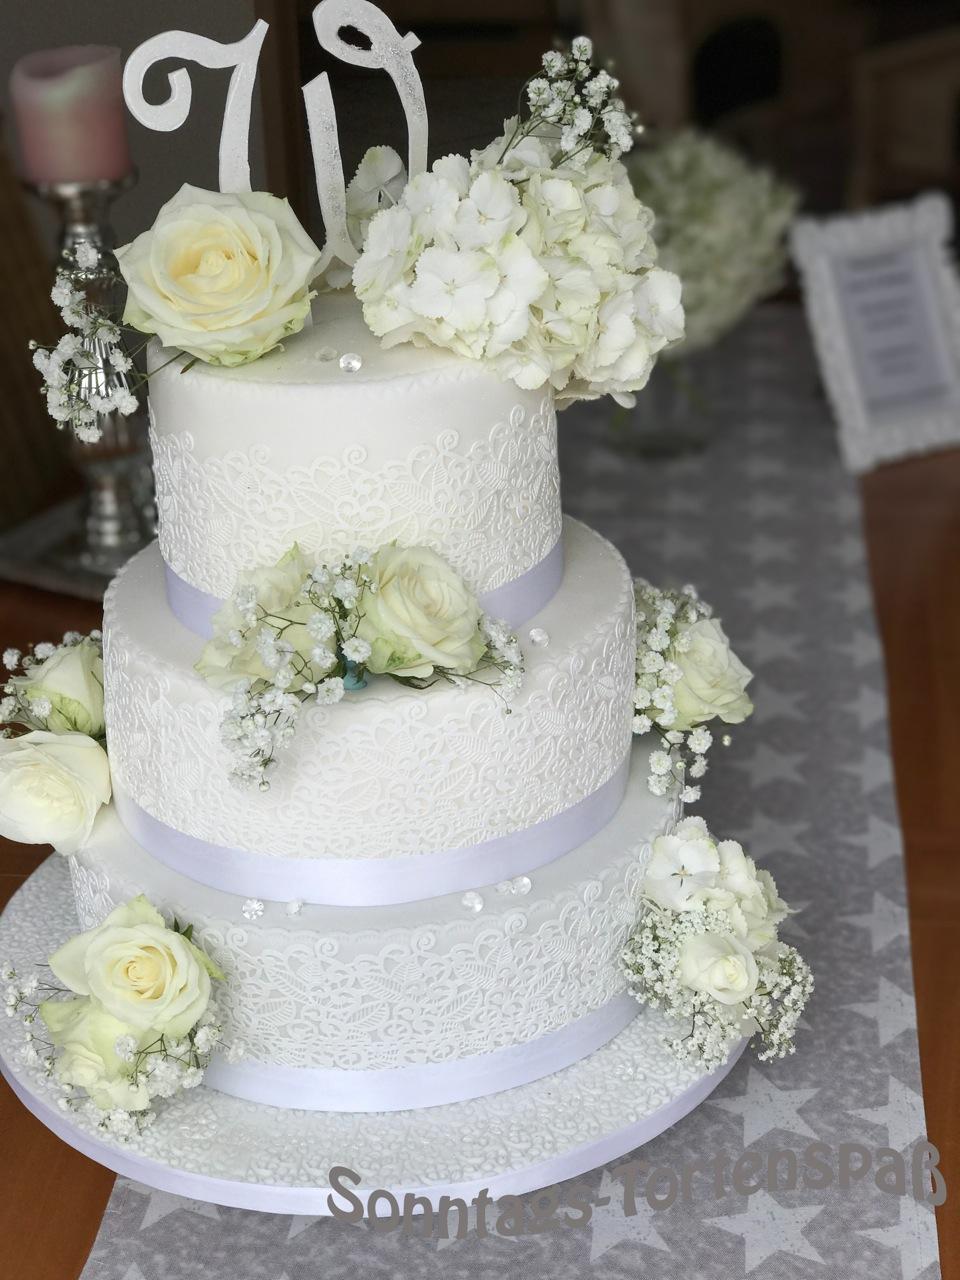 Immer Wieder Sonntags Weisse Hochzeitstorte